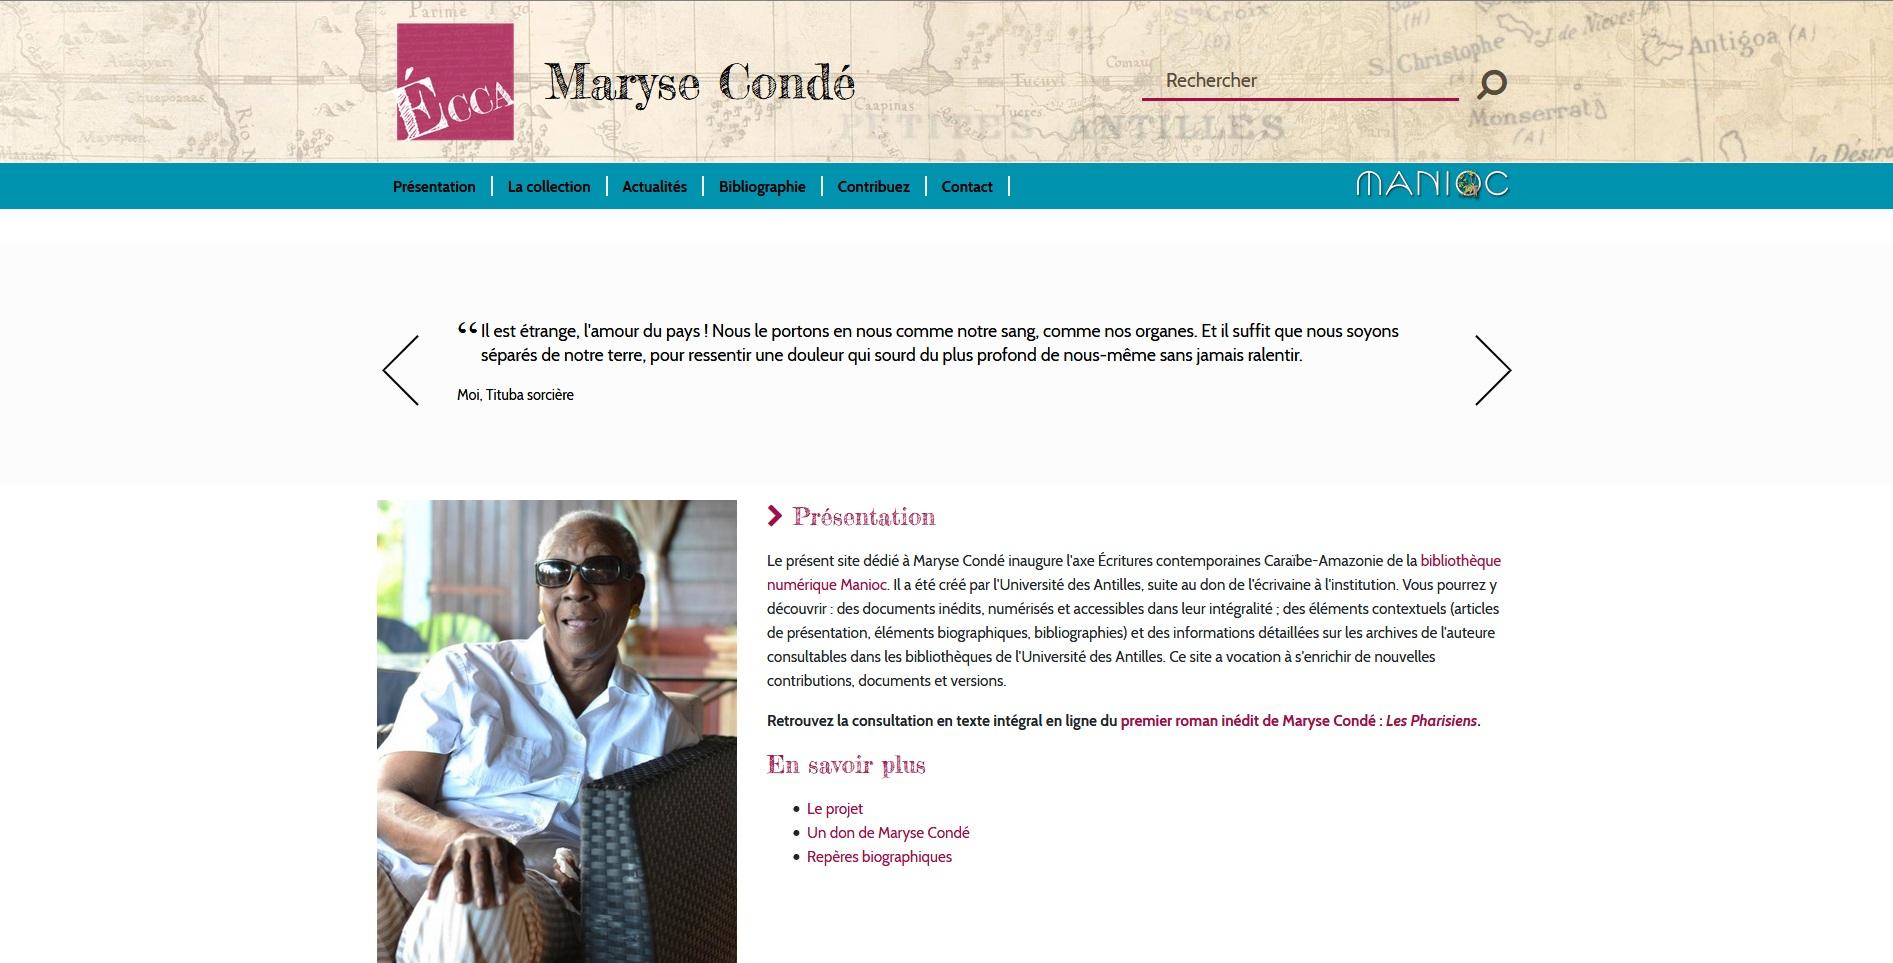 Site de l'université des Antilles consacré à Maryse Condé